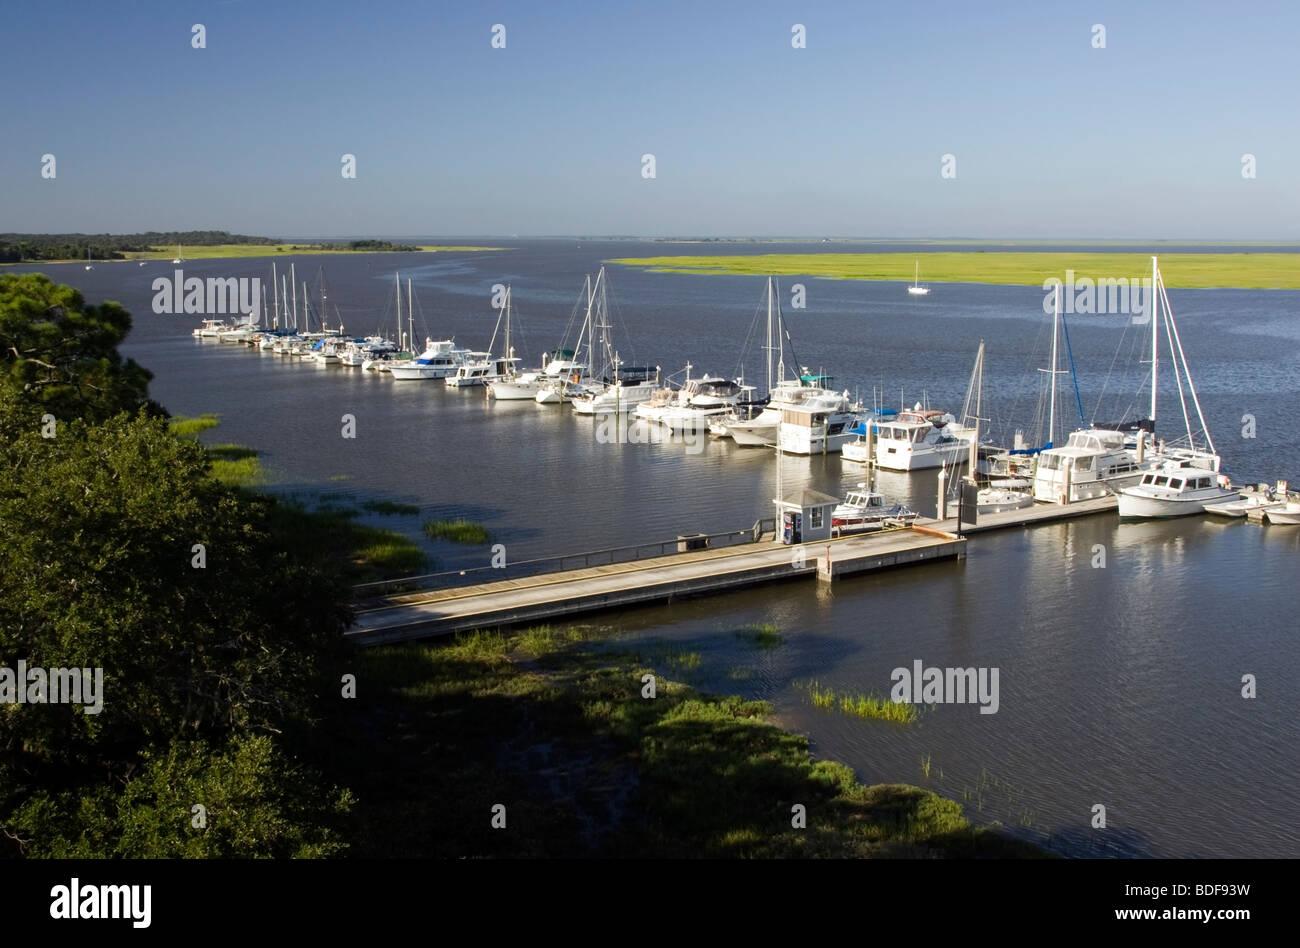 Jekyll Island Marina Restaurant